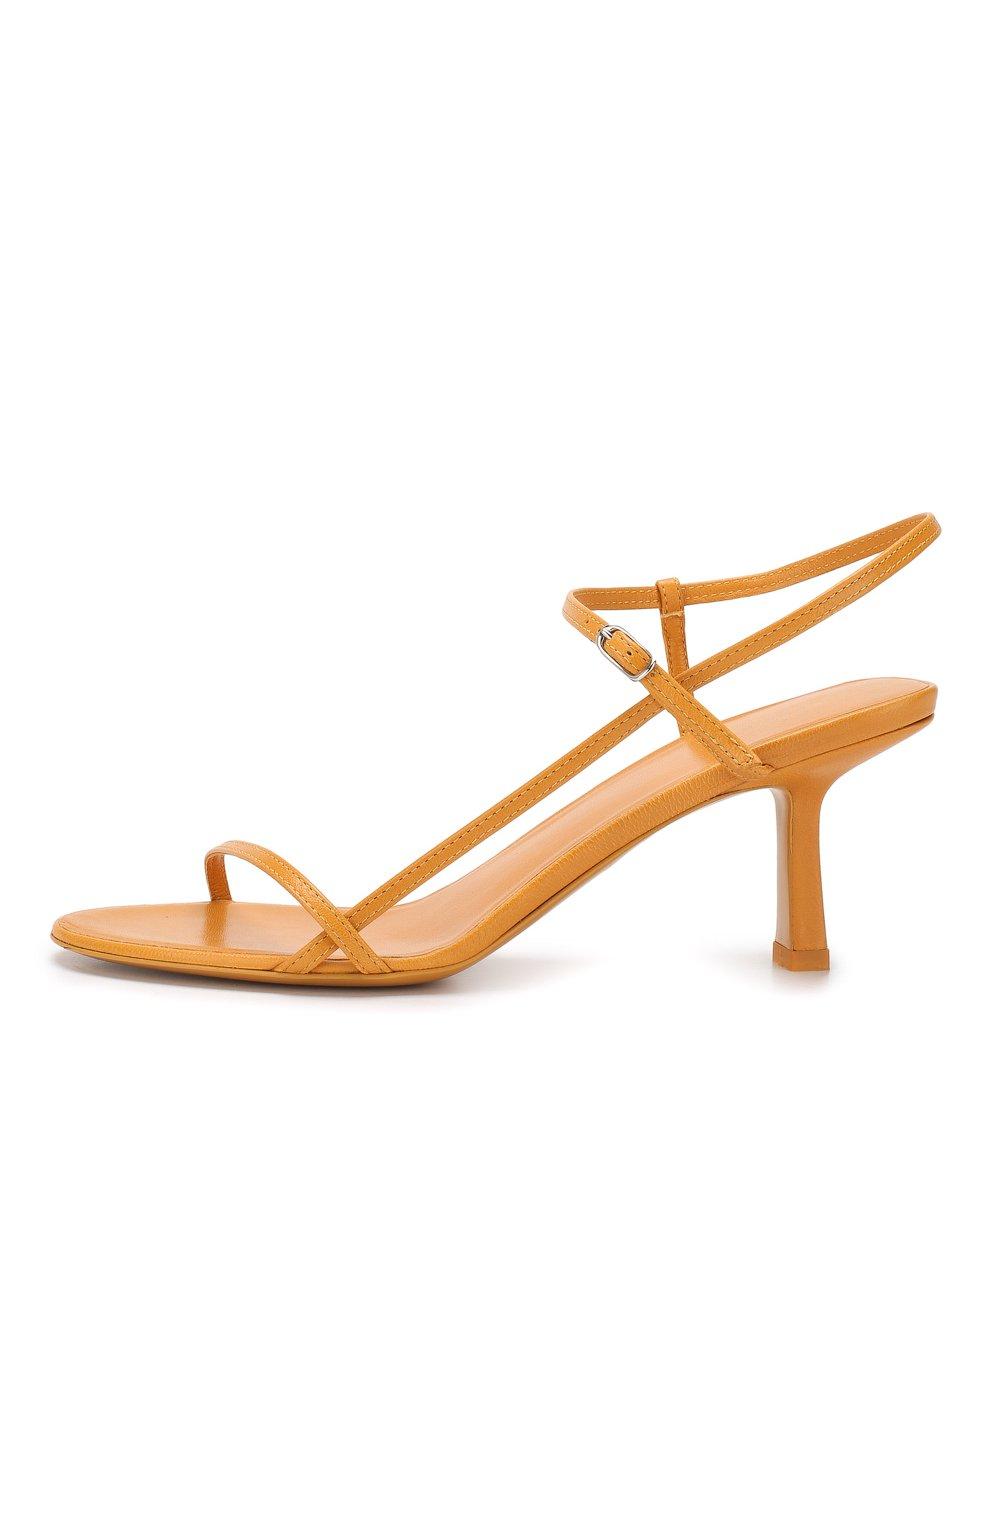 Кожаные босоножки Bare The Row оранжевые | Фото №3